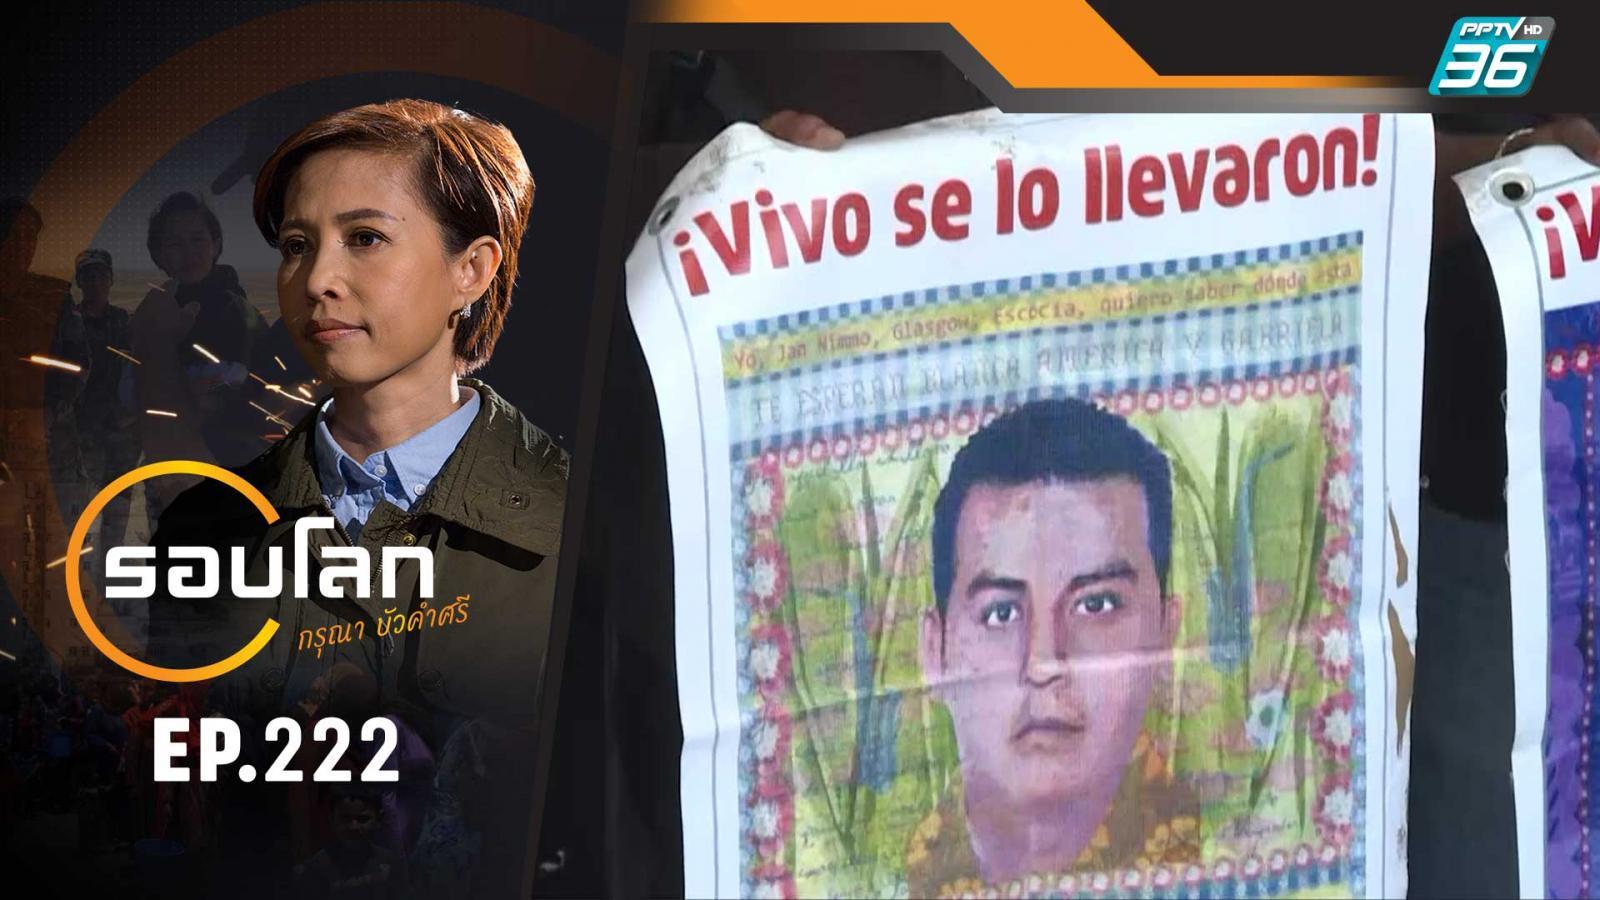 คนหายในเม็กซิโก ความลึกลับที่ไร้ร่องรอย